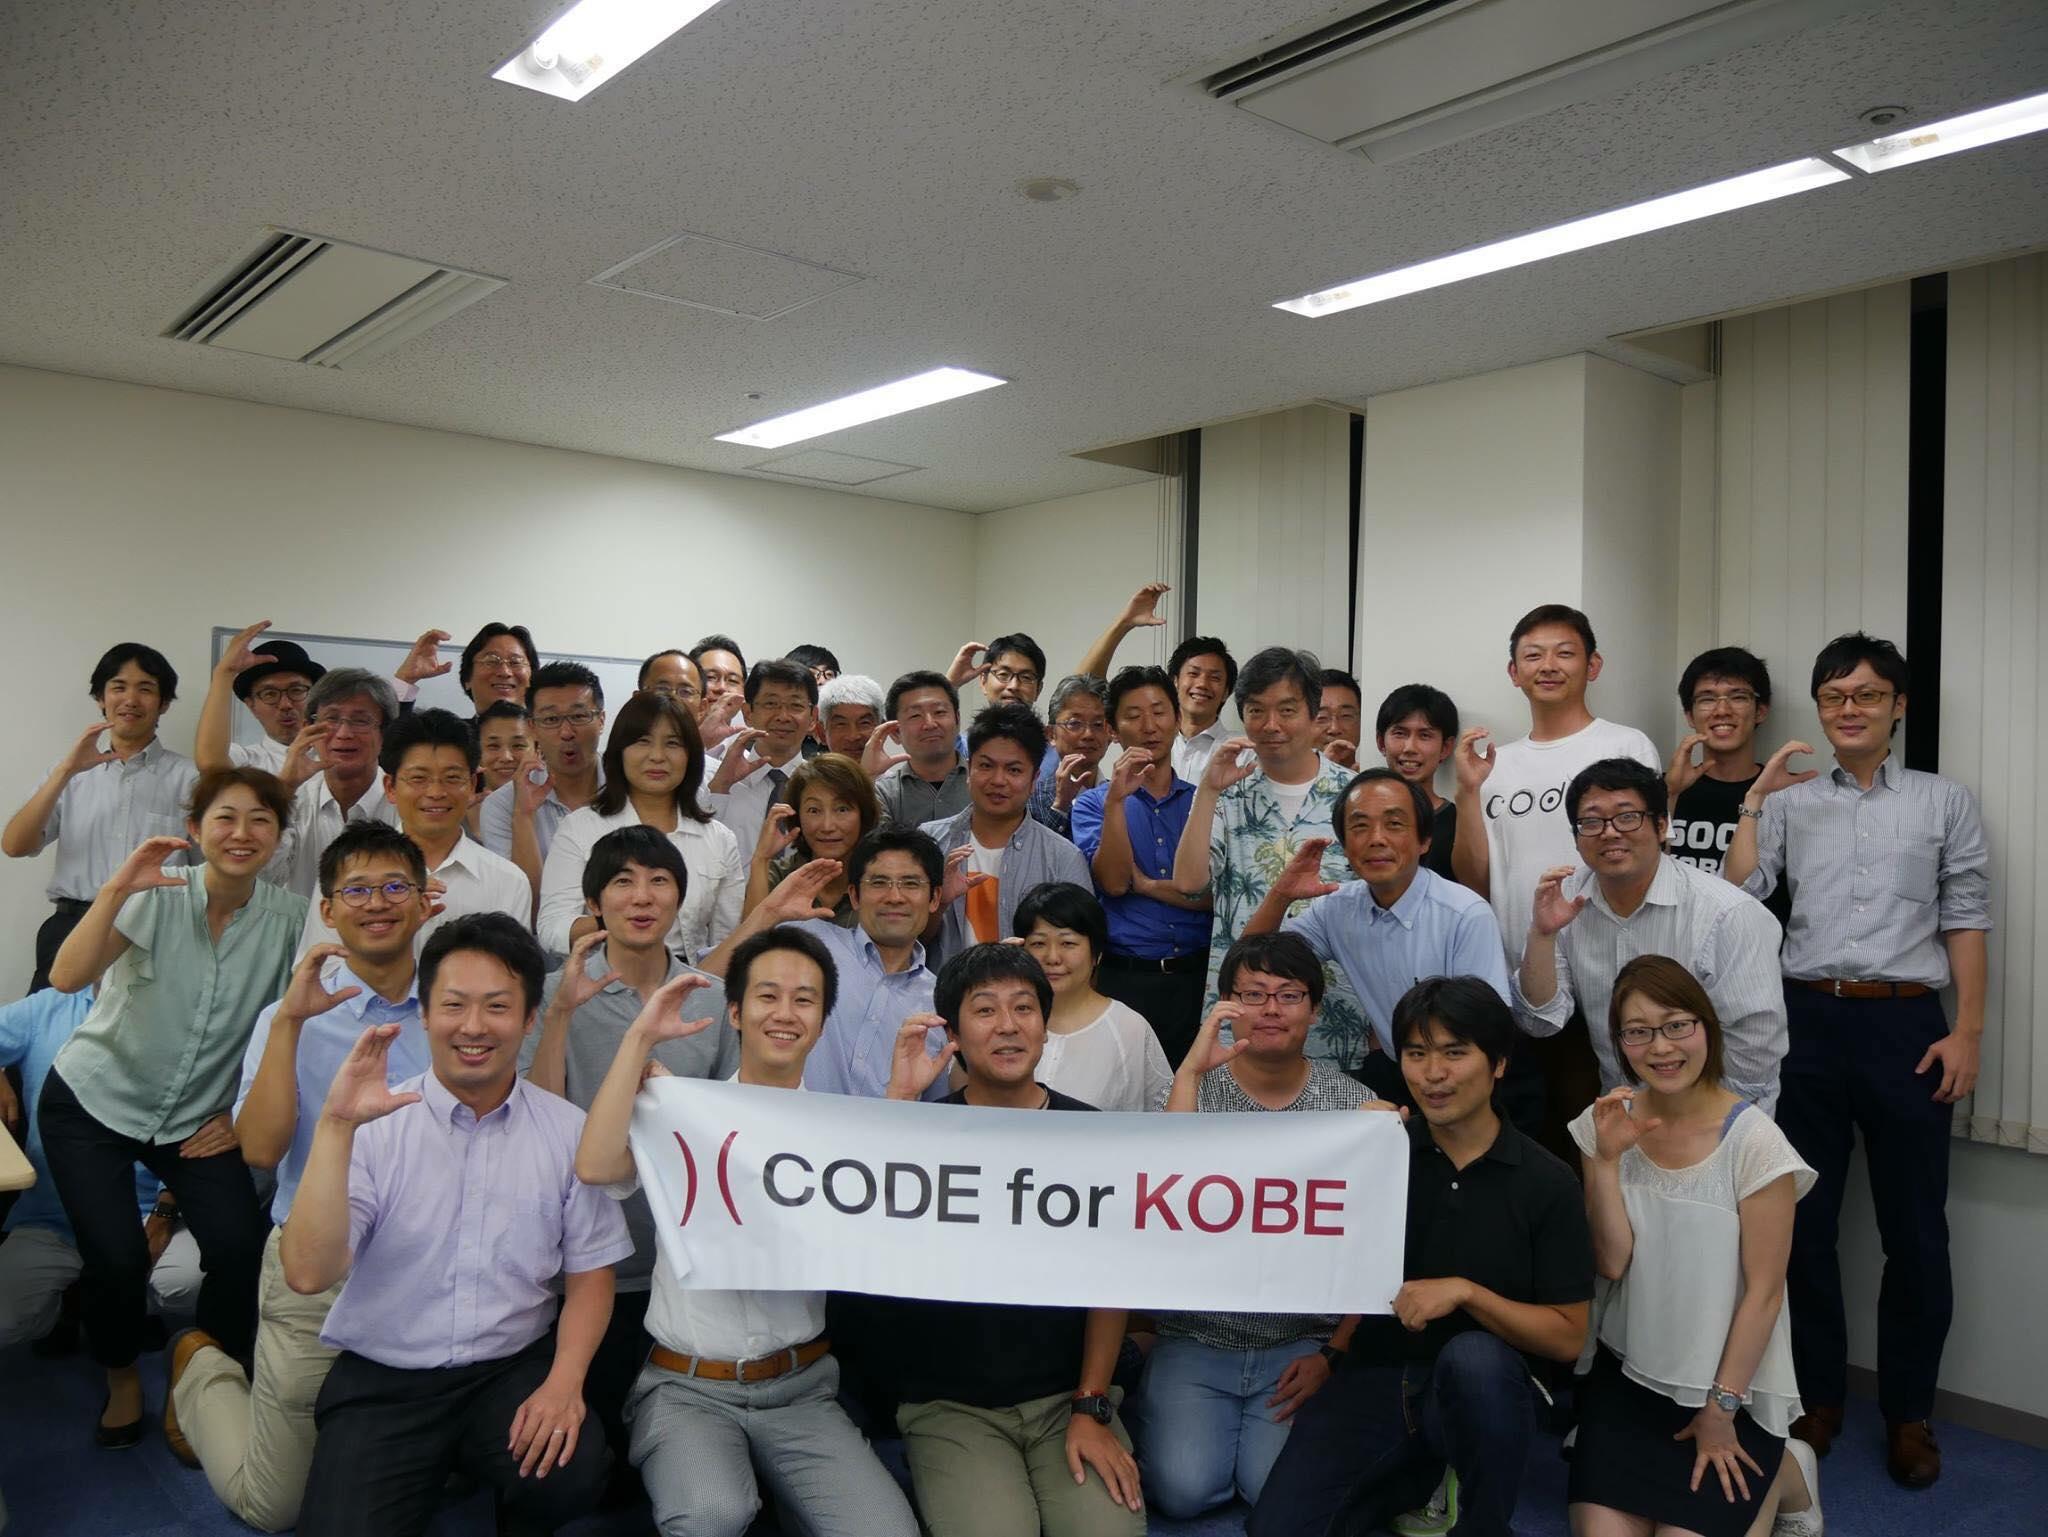 Code for Kobe